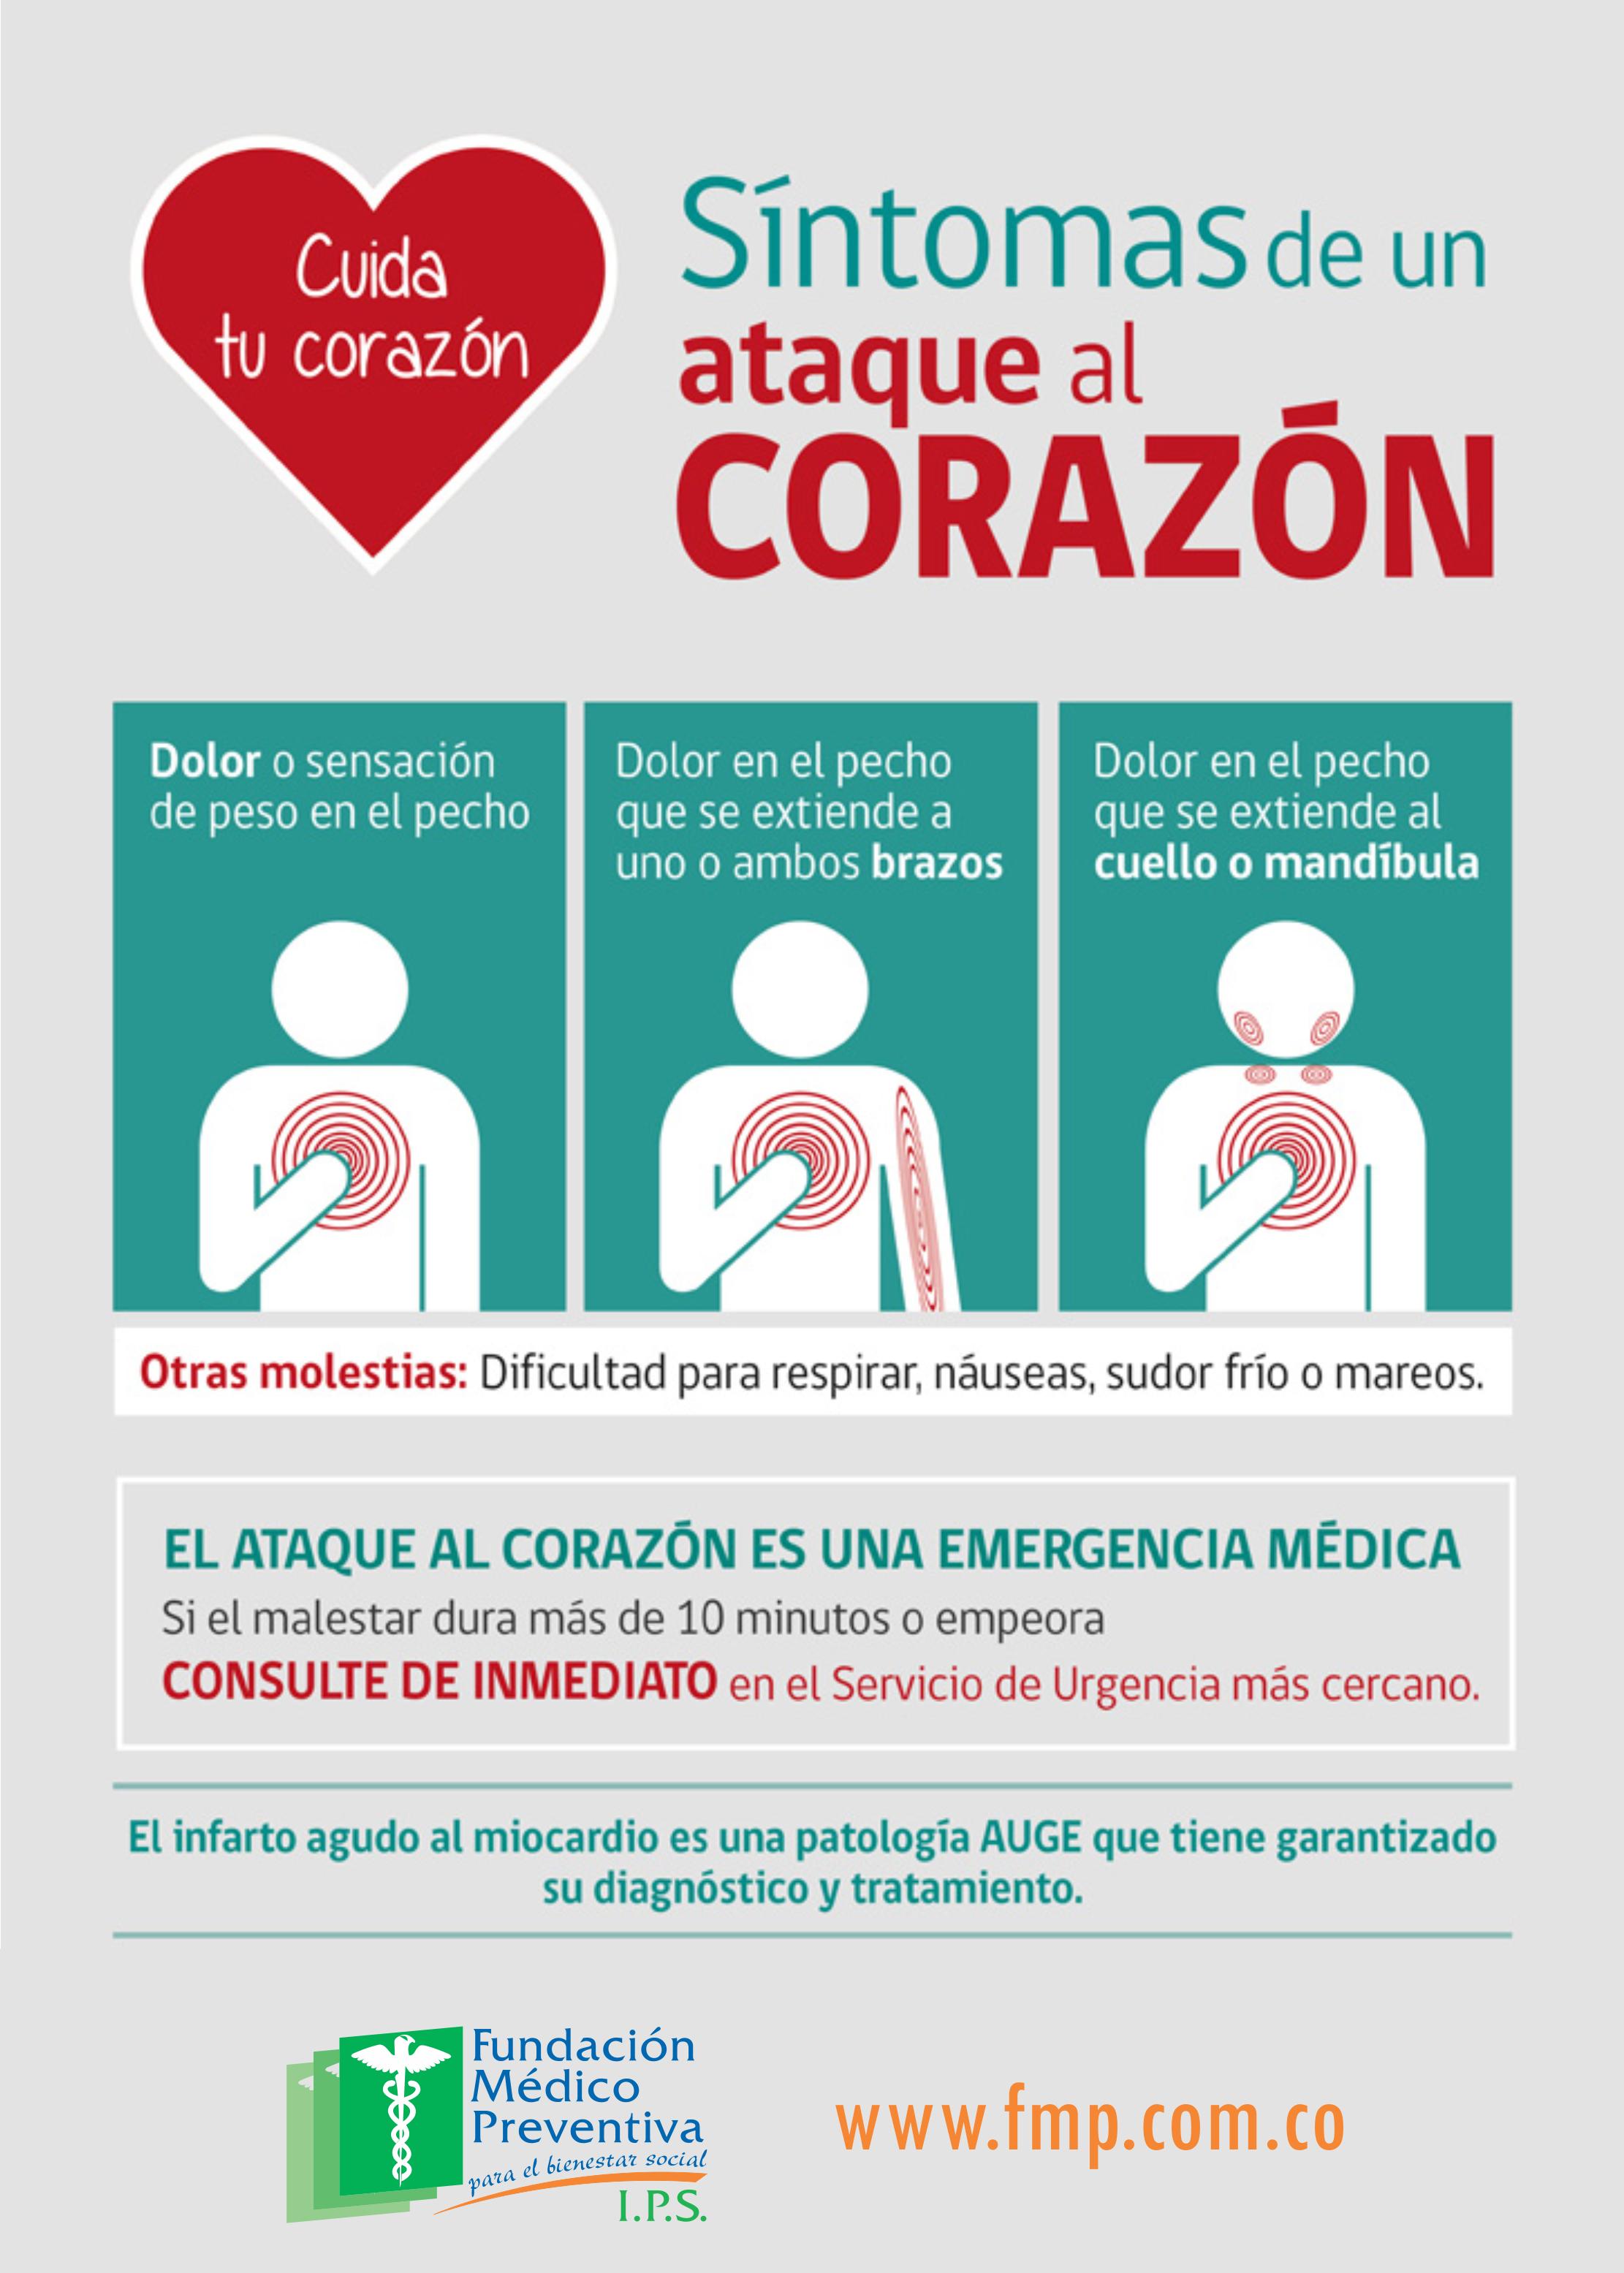 Sintomas #Salud #Ataque #Corazon #Cardiologia | Recetas y malabares ...